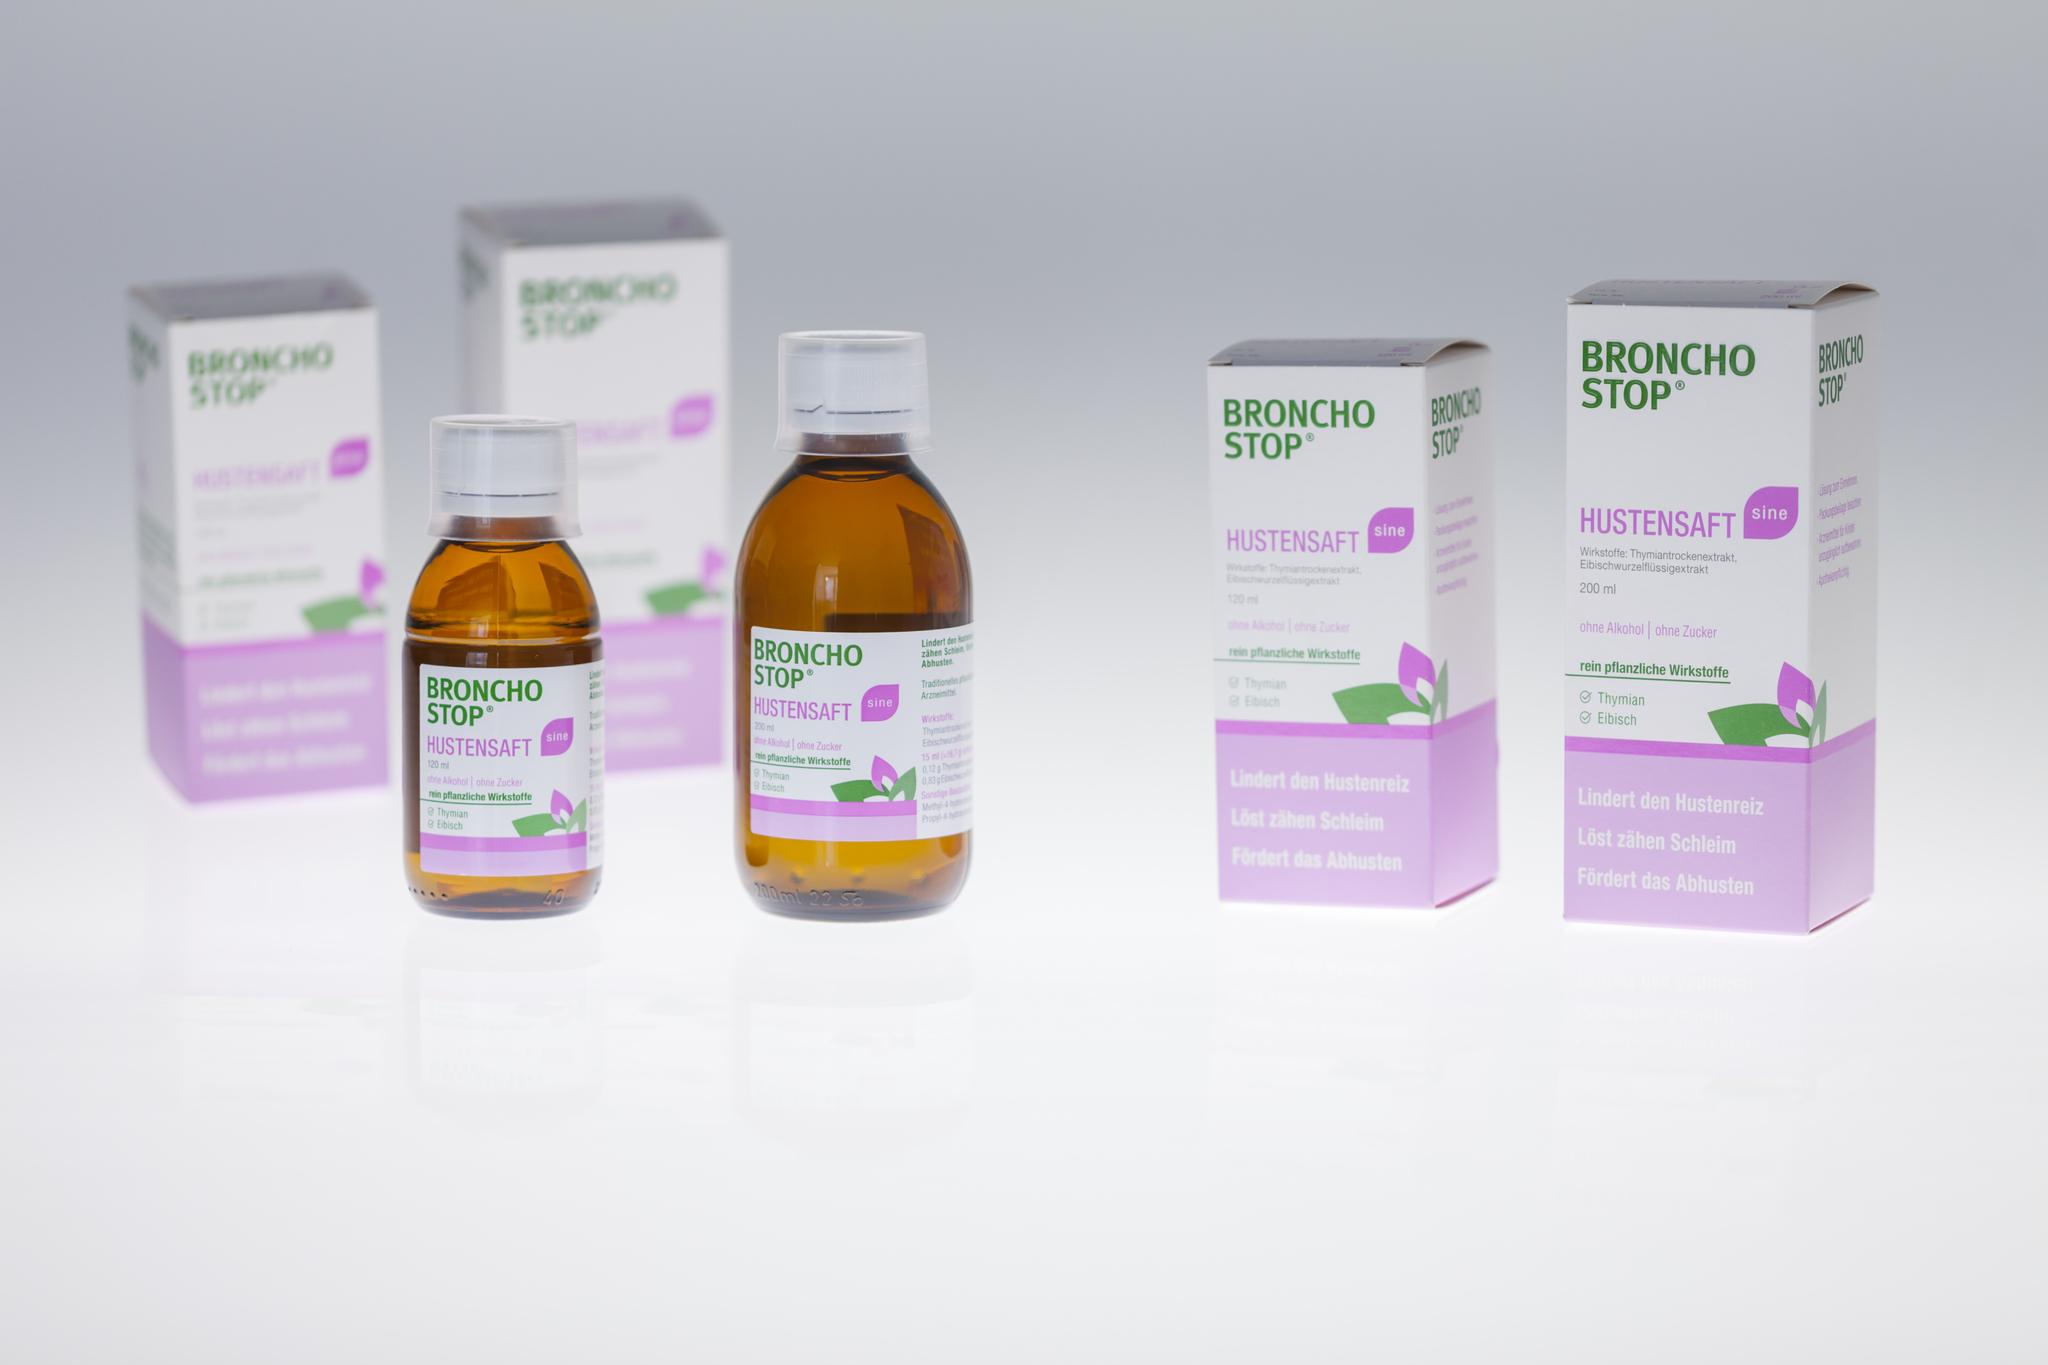 BRONCHOSTOP® cough syrup